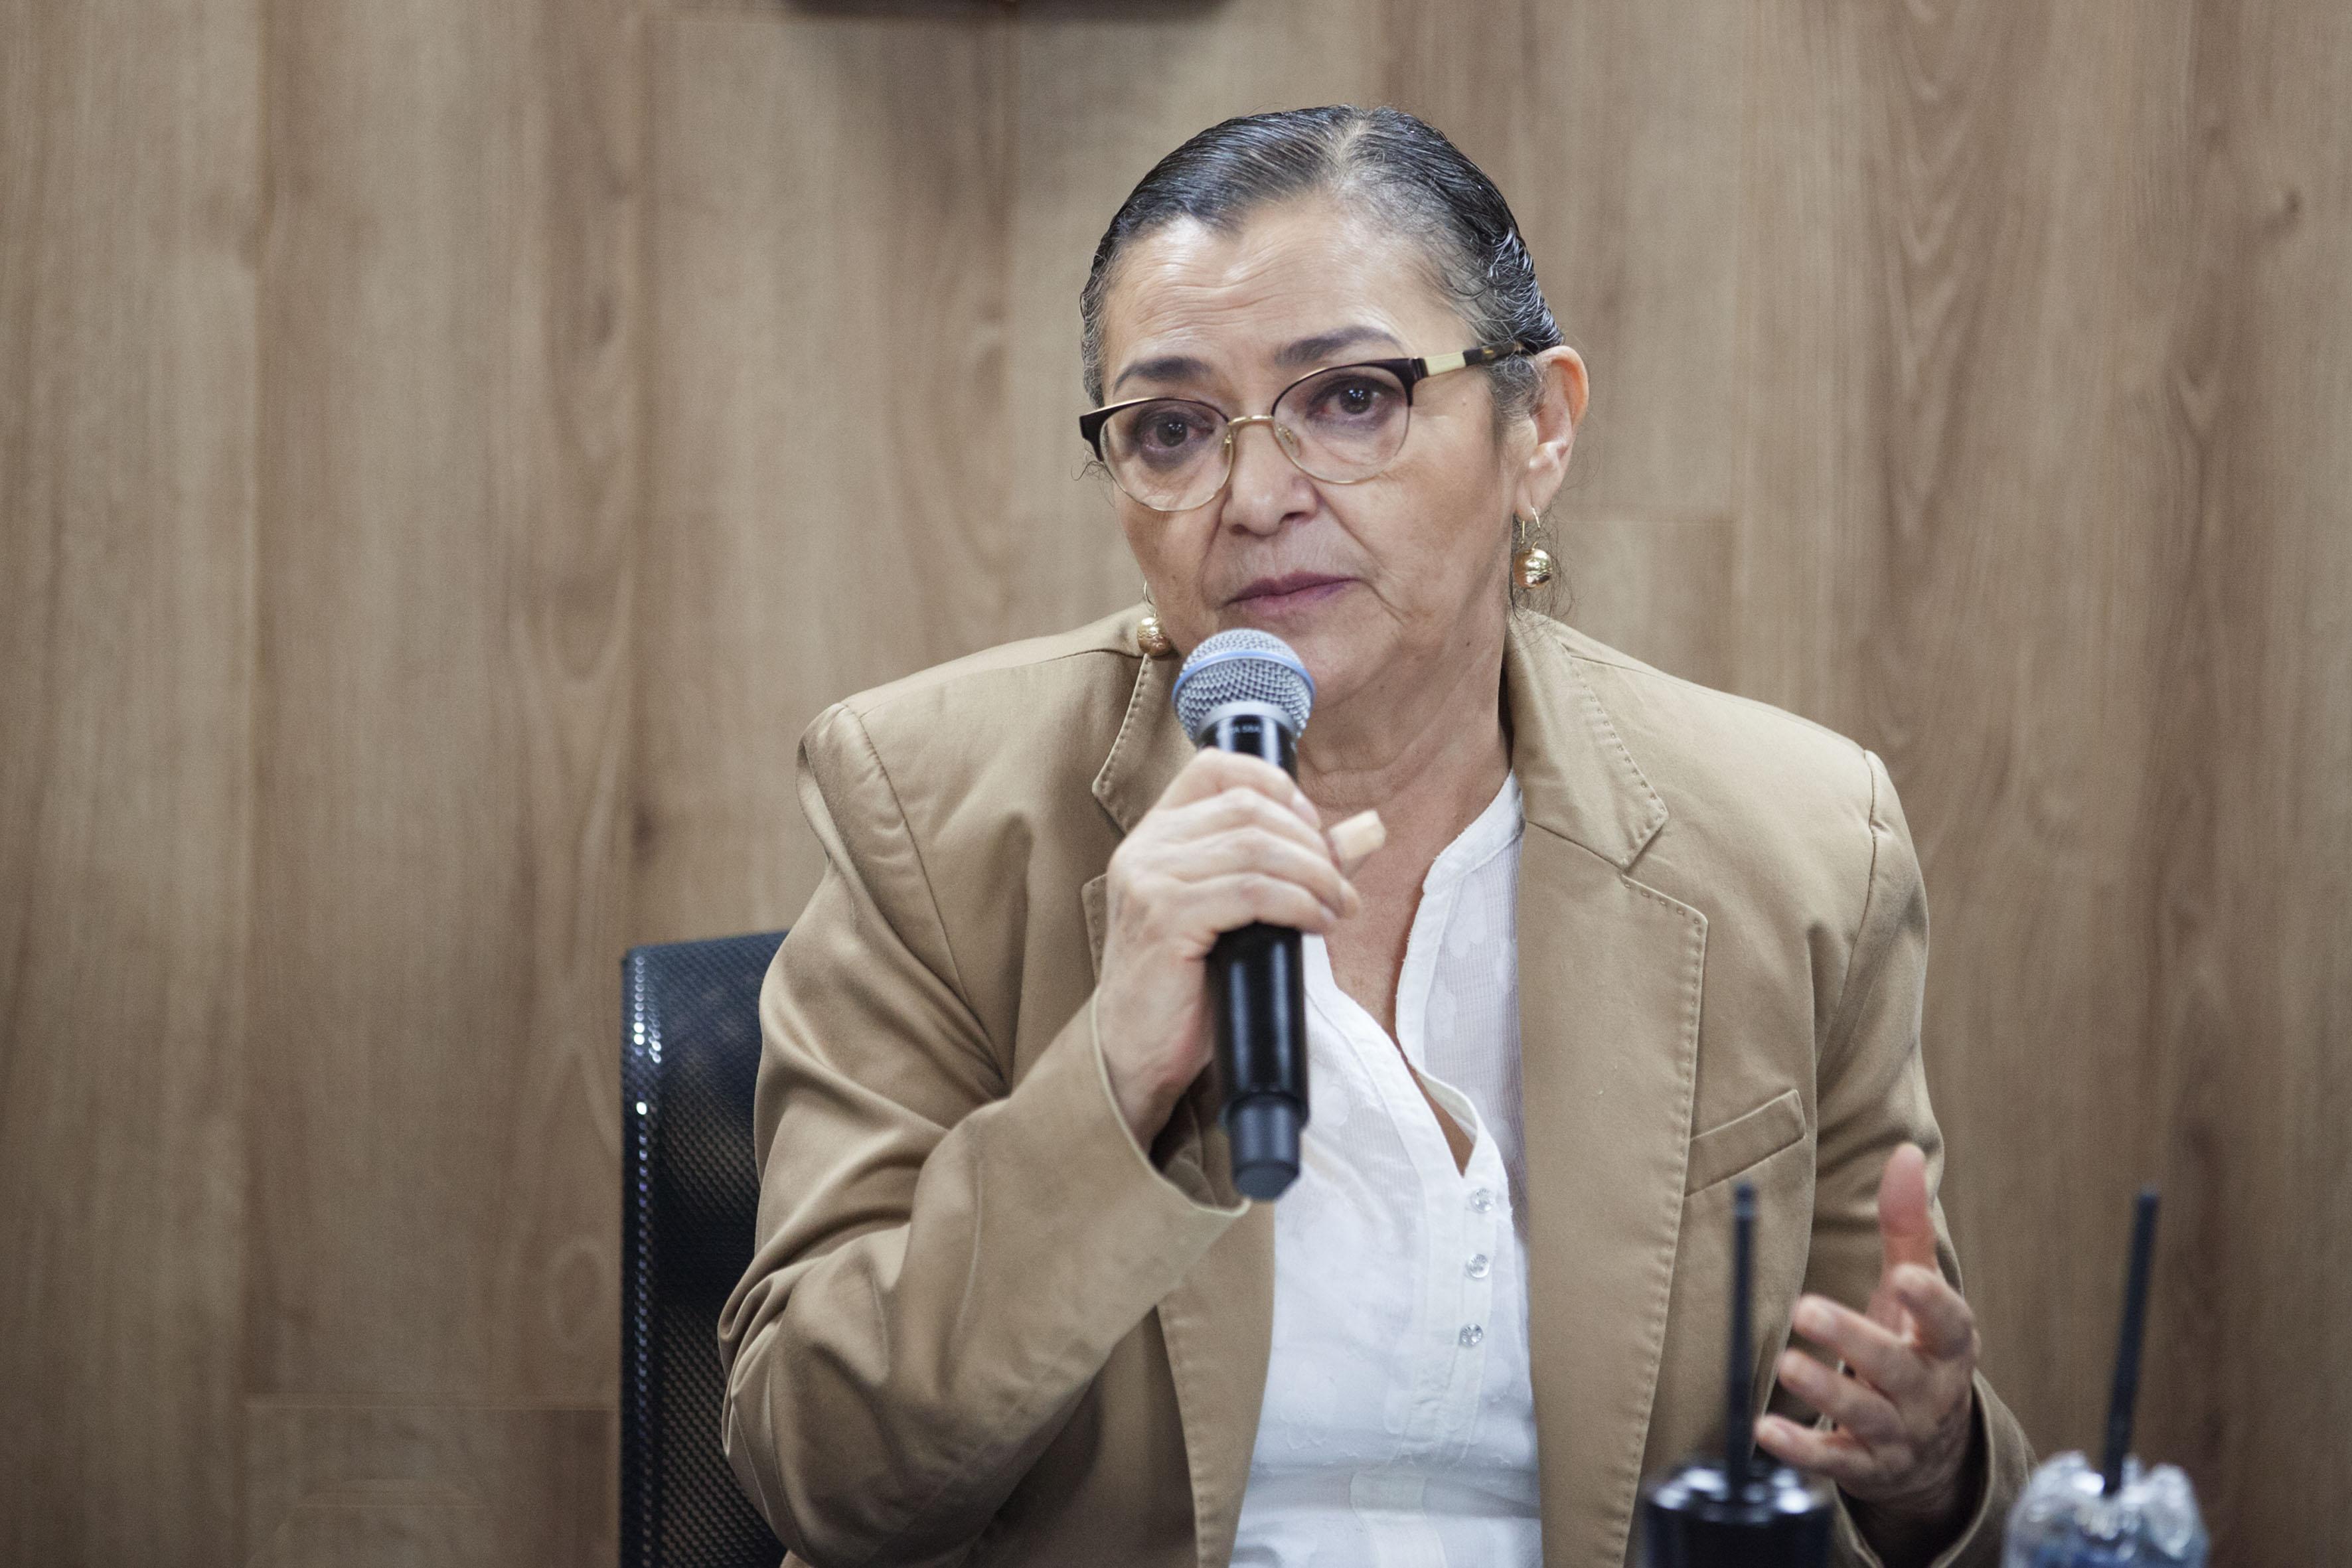 Rectora del CUCEI, doctora Ruth Padilla Muñoz participando en rueda de prensa